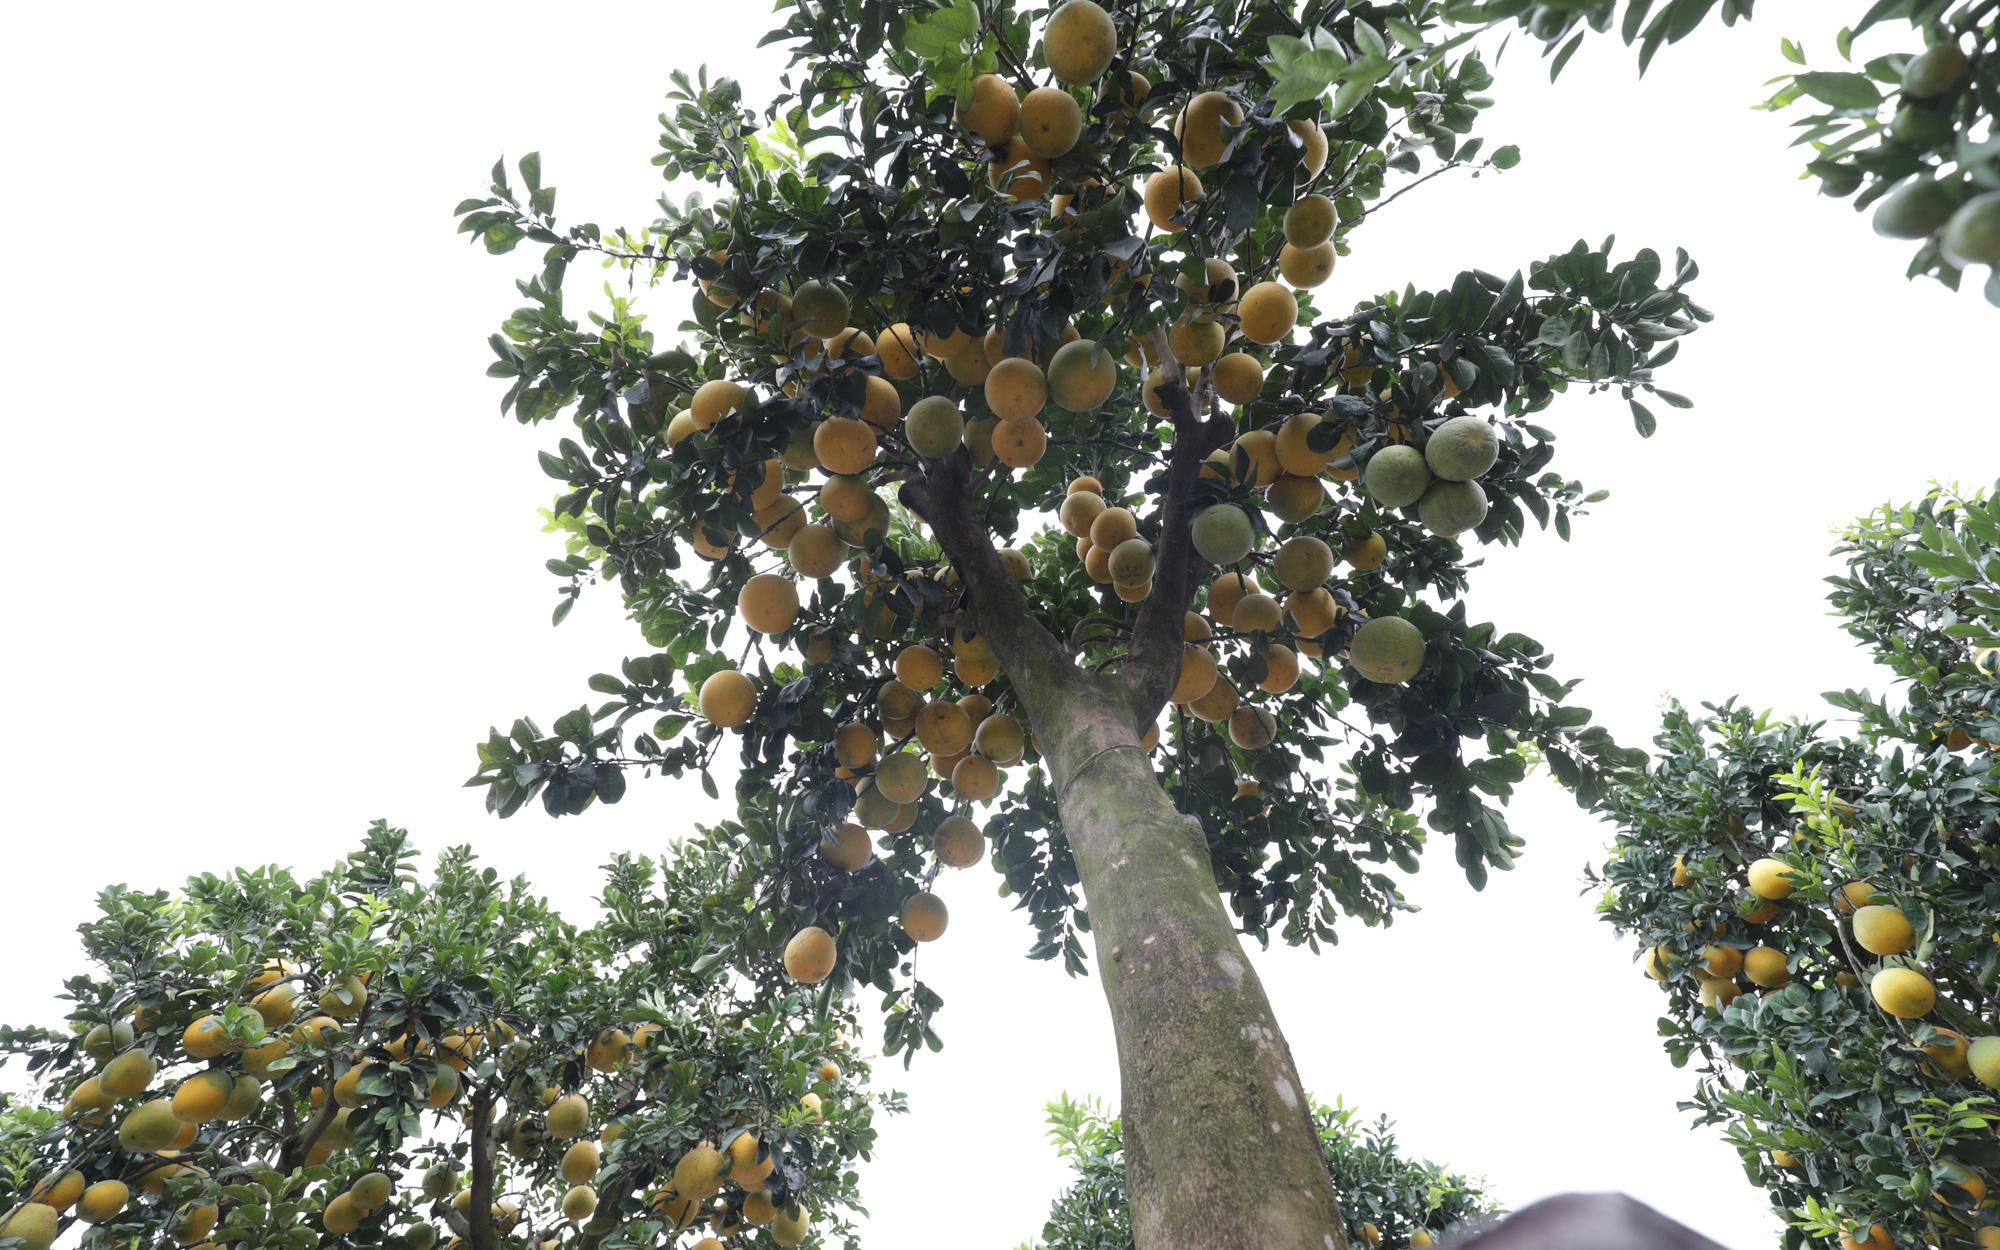 Đeo lúc lỉu hơn 200 quả trên cây: Bưởi cảnh khổng lồ 'hét' giá cho thuê gần 100 triệu đồng